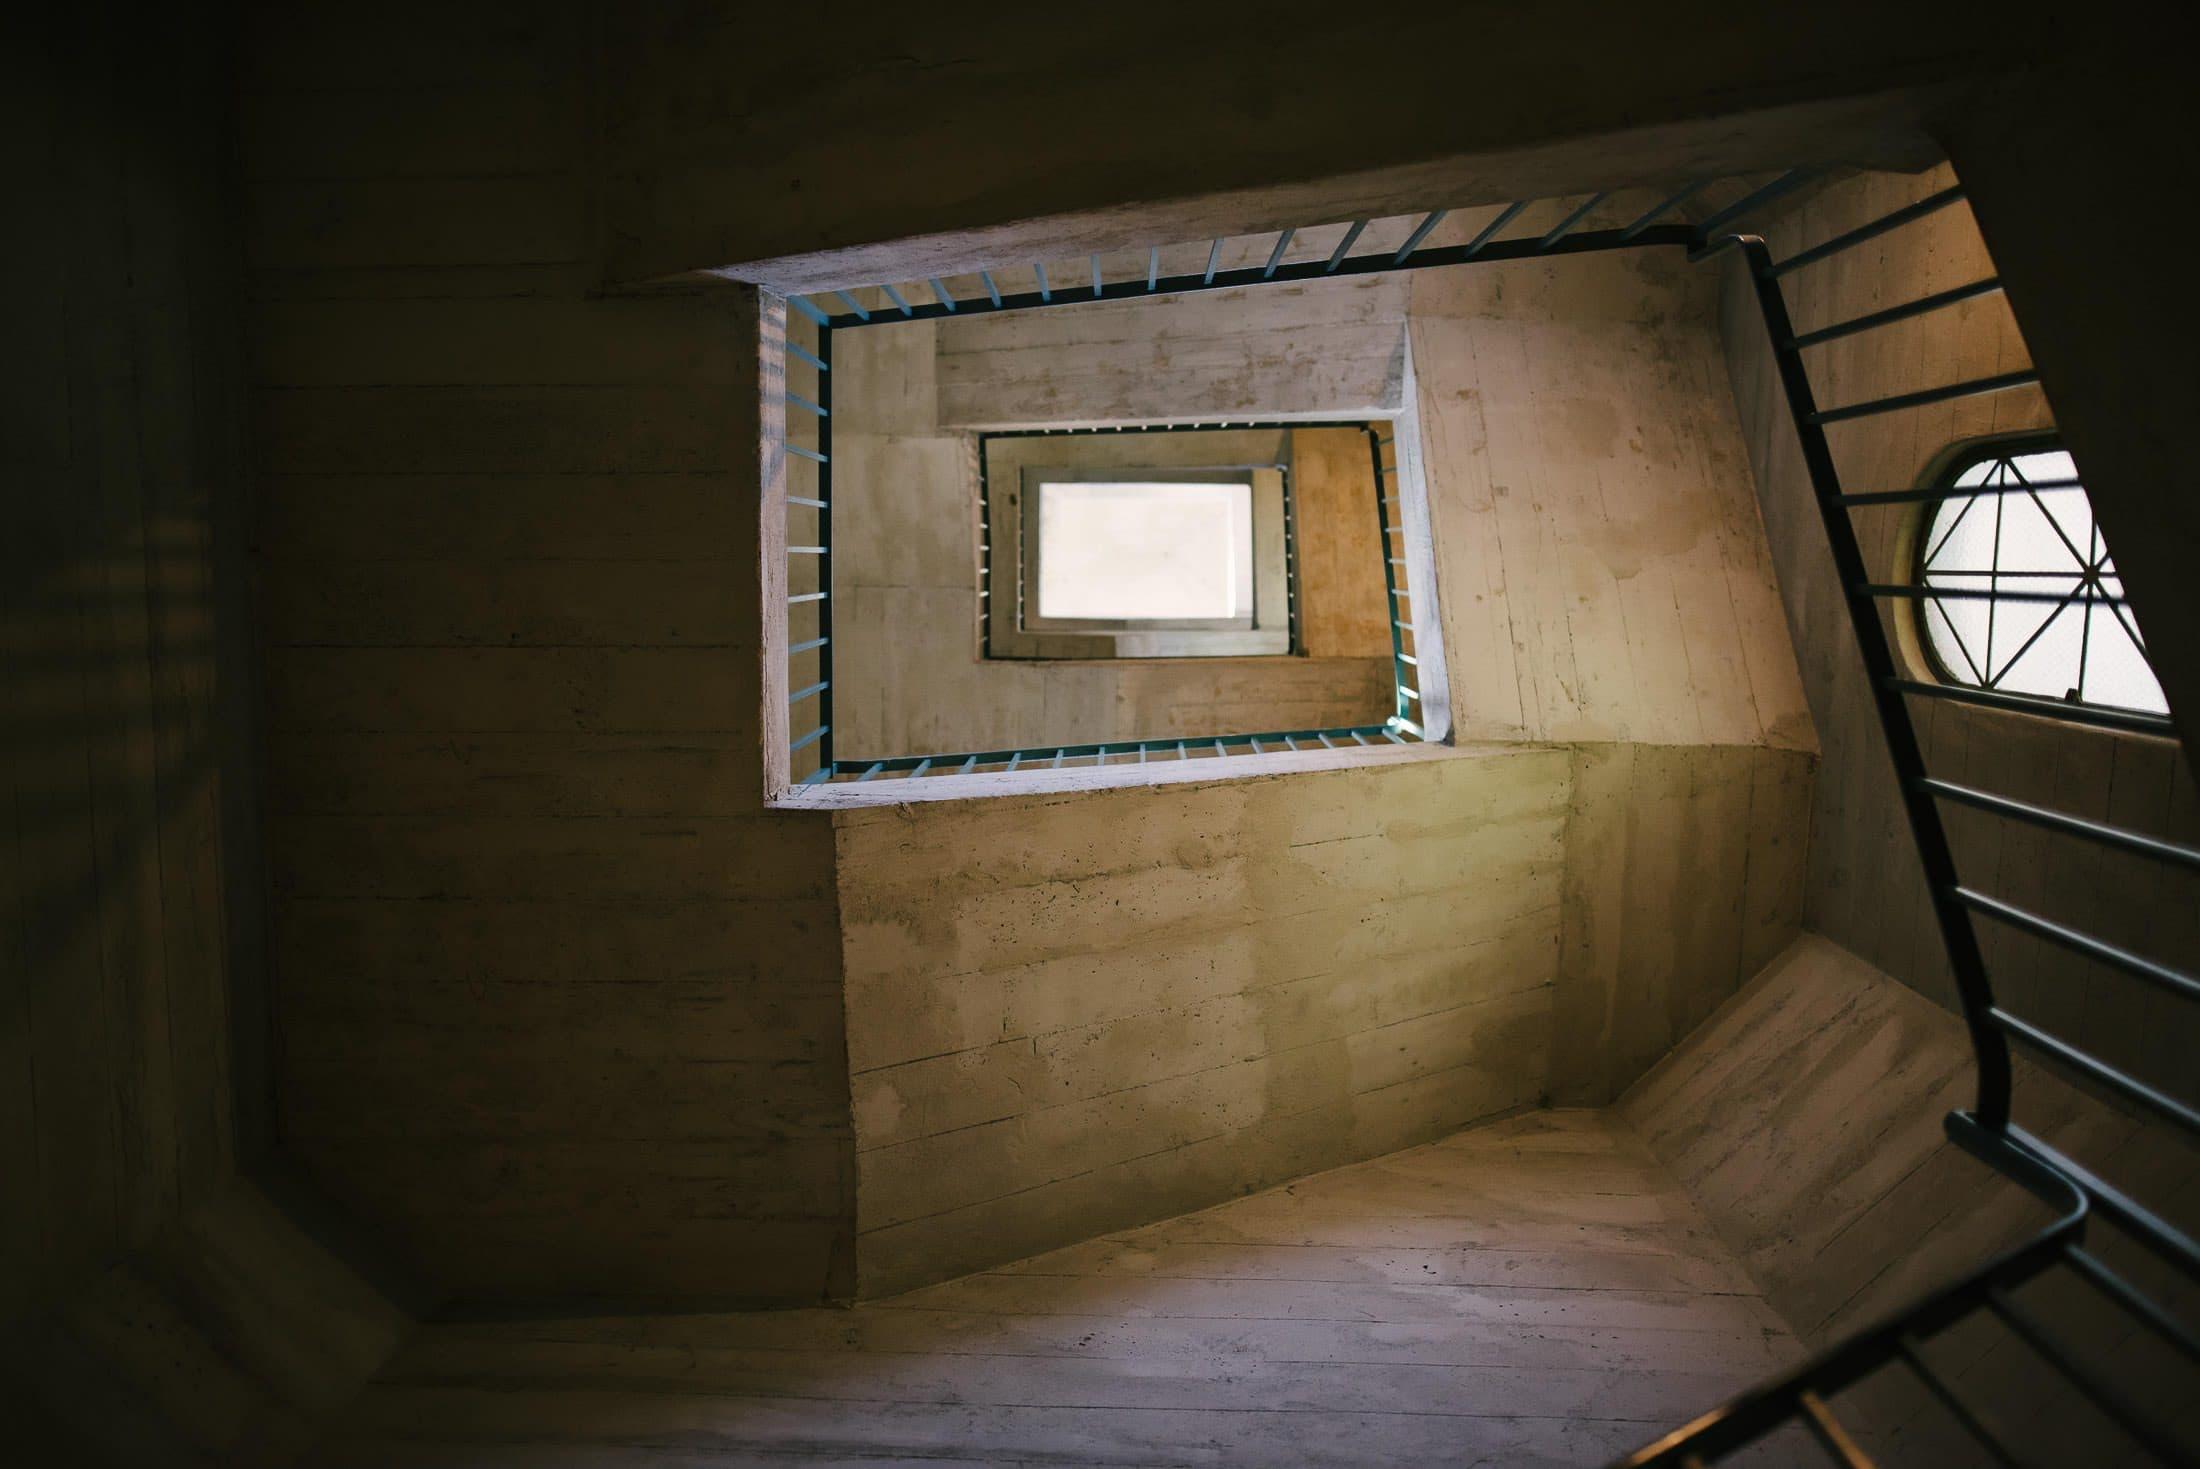 Stairway at Berkeley City Club